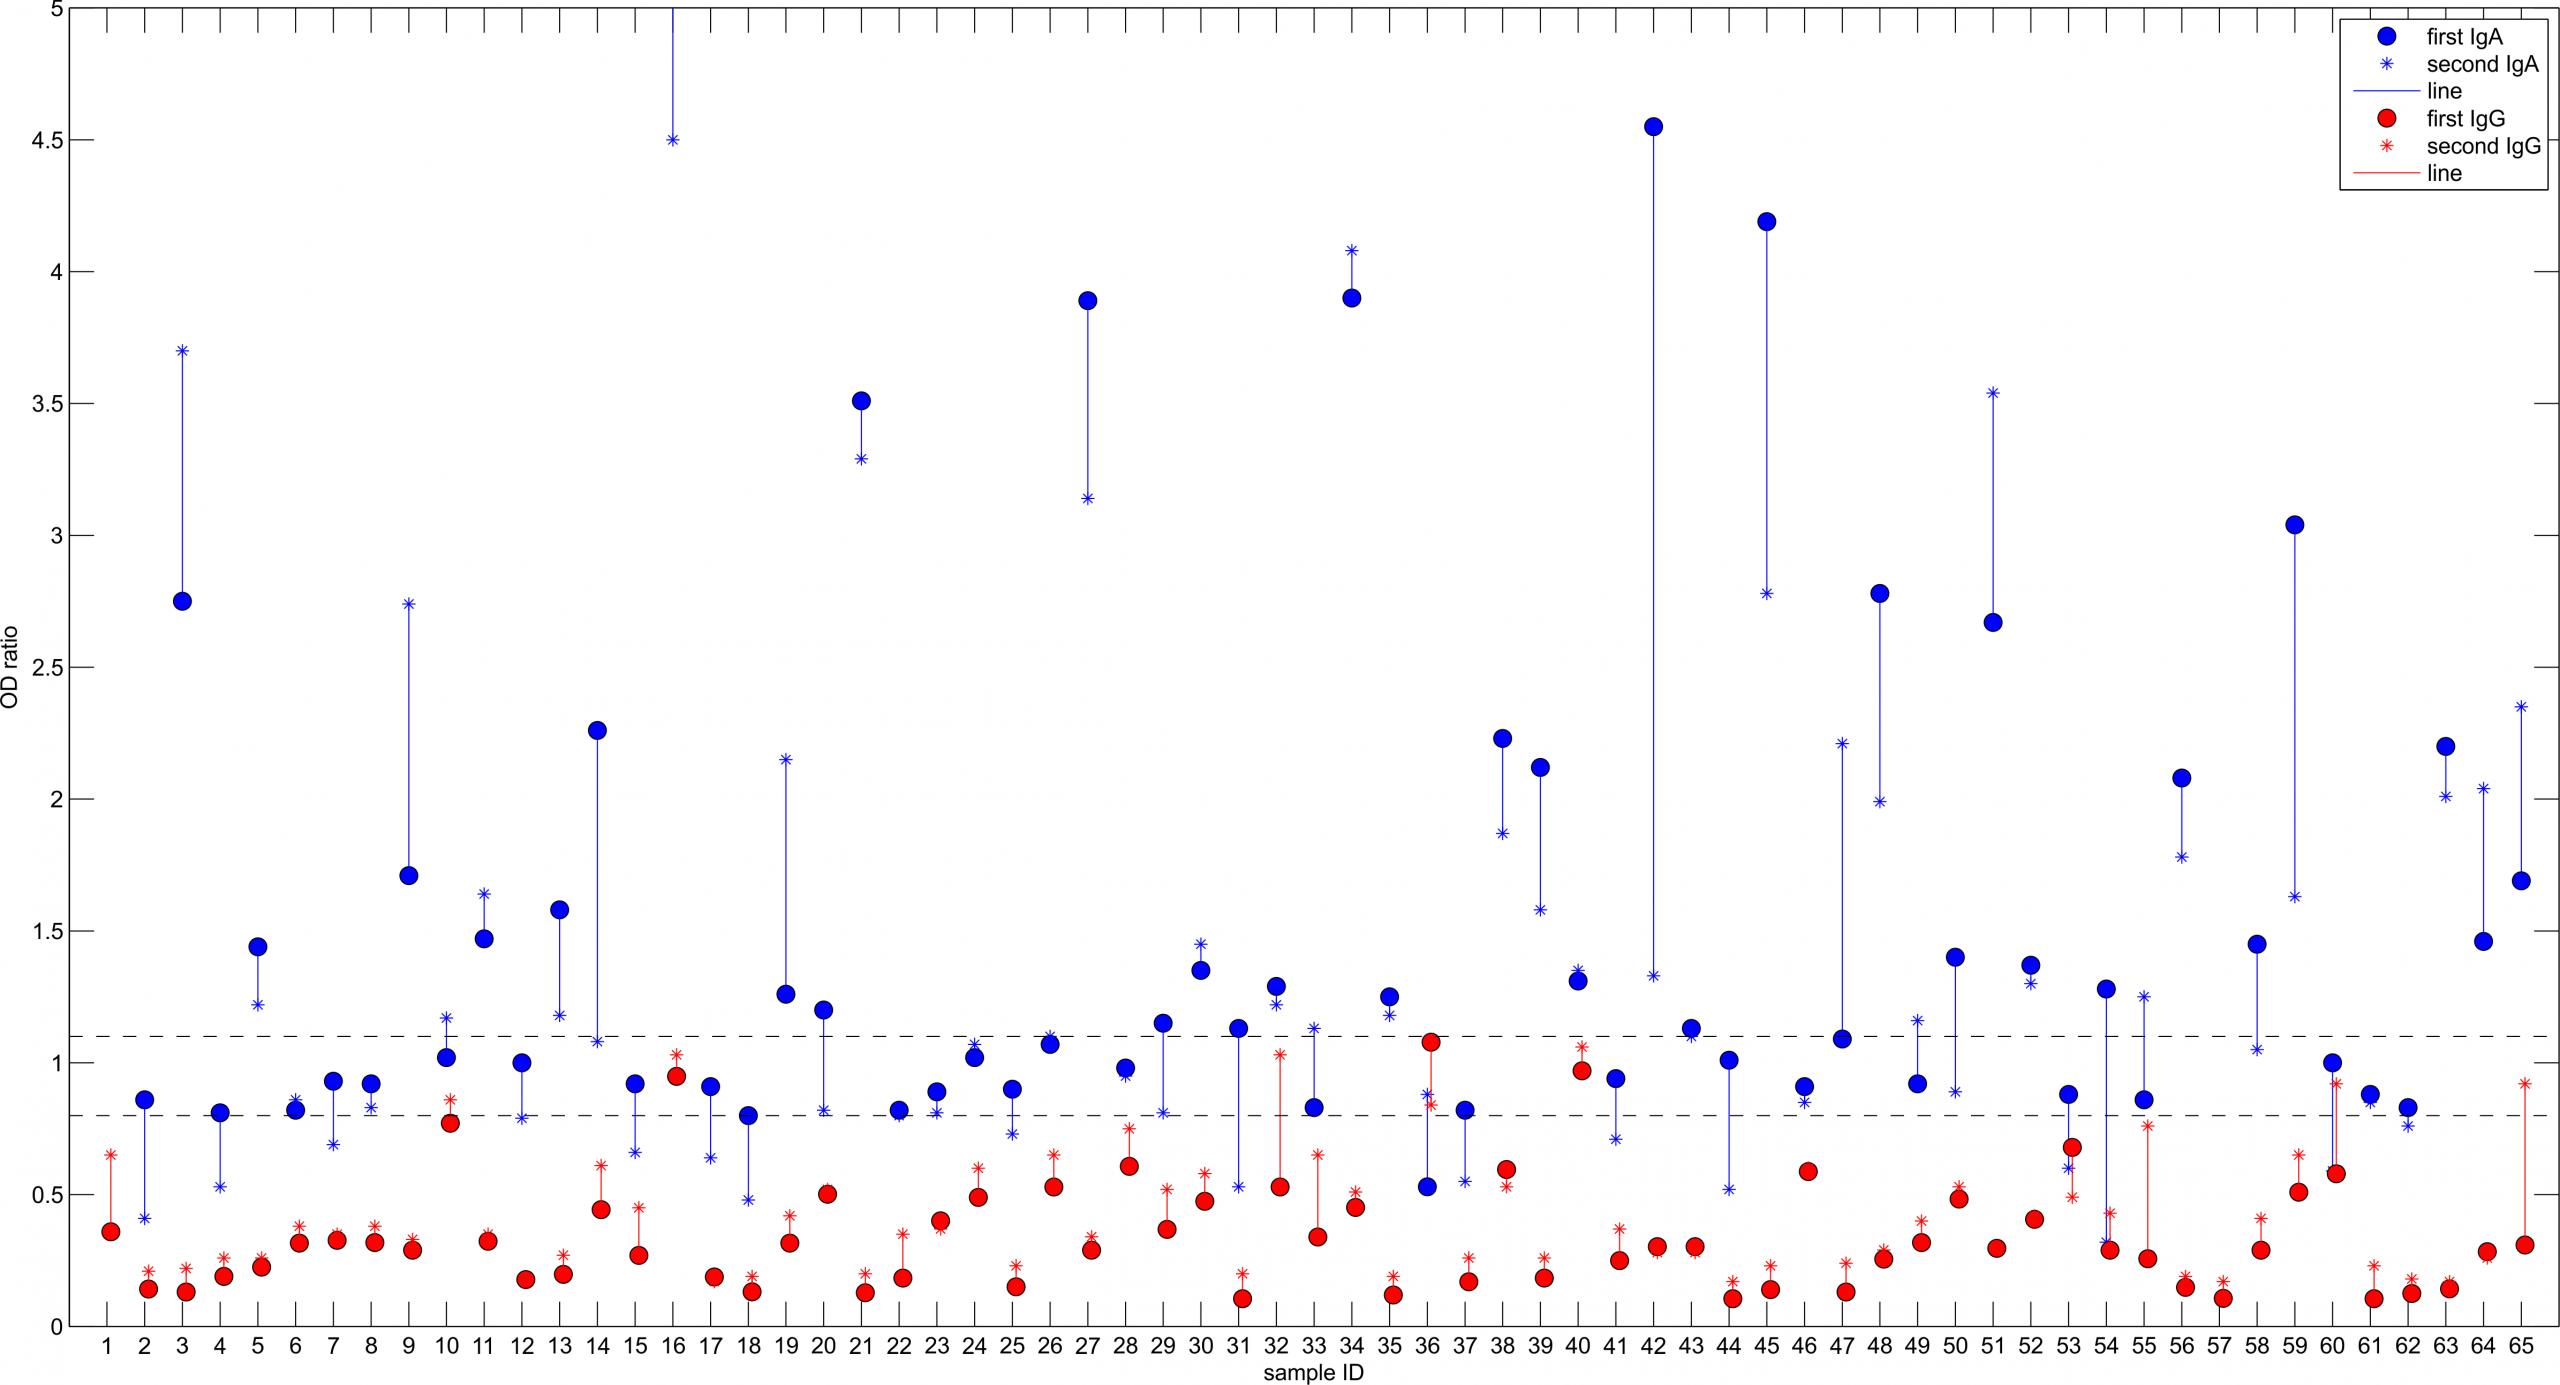 První a druhé vyšetření protilátek vPísku. Přerušovaná čára značí hranice negativity (0,8) a pozitivity (1,1). Hodnoty prvního vyšetření (tečka) a druhého vyšetření (křížek) u dané osoby spojuje vertikální čára. IgG jsou zobrazeny červeně, IgA modře. Hodnoty IgA u osob číslo 1, 16 a 57 se nacházejí mimo rozsah osy y (jsou vyšší).